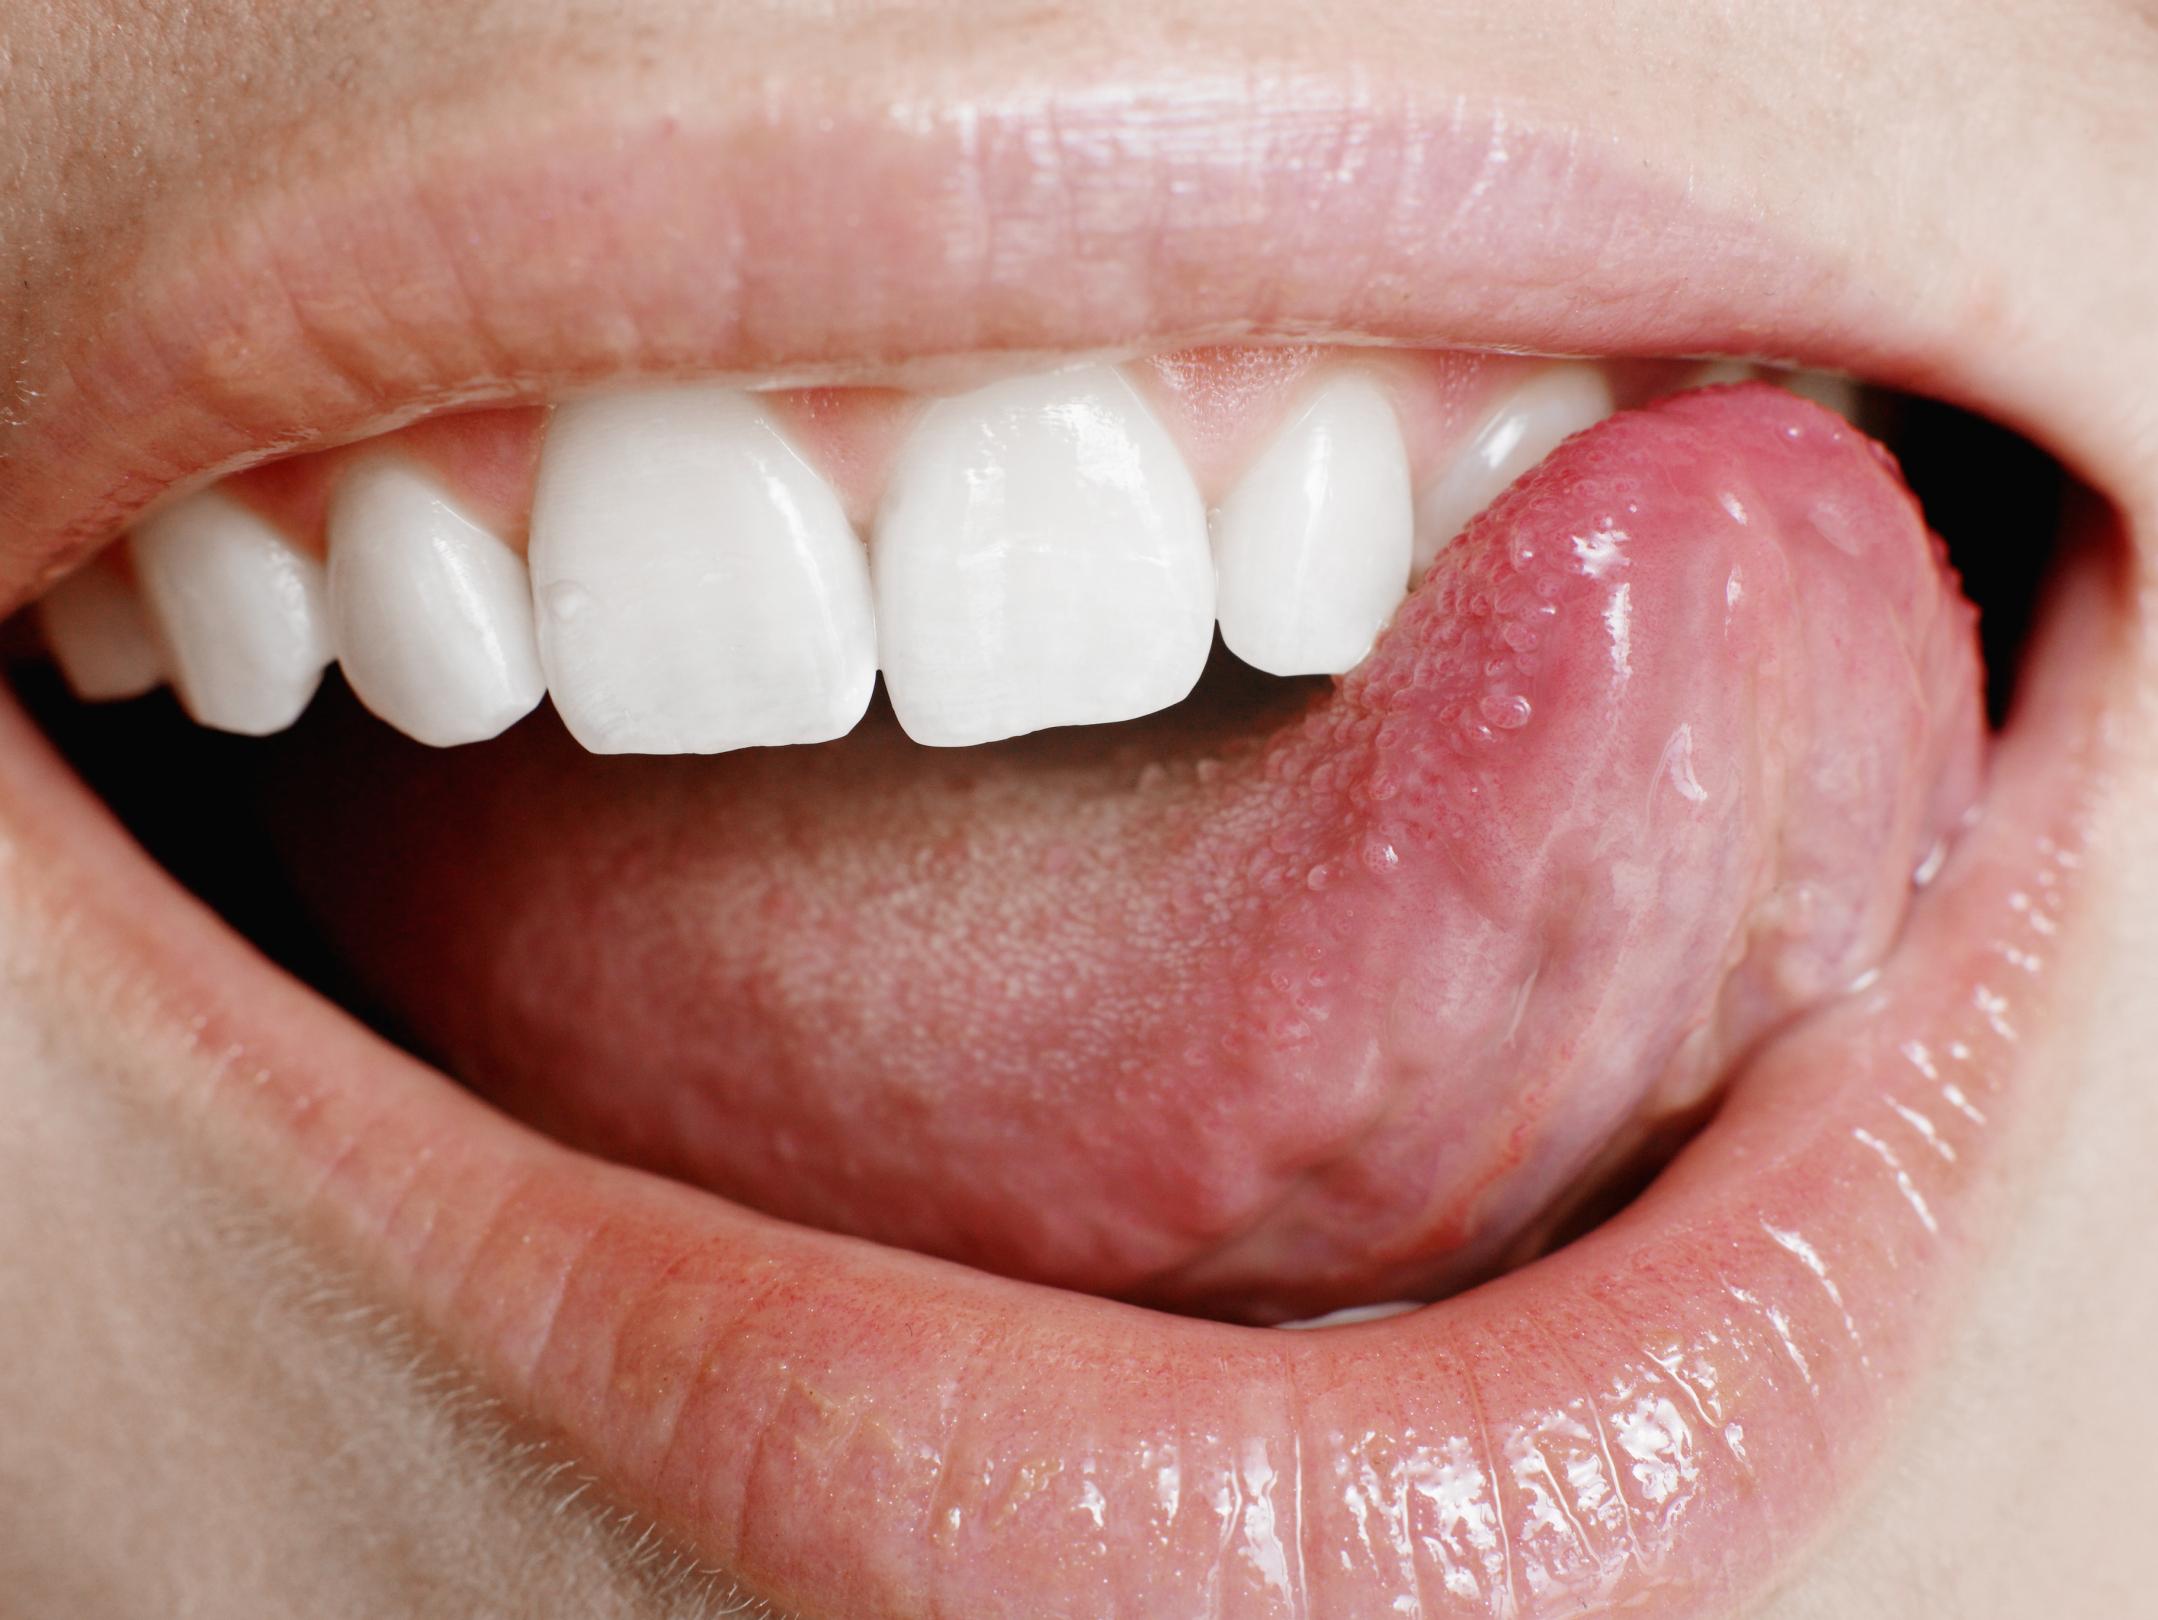 hpv tongue tag